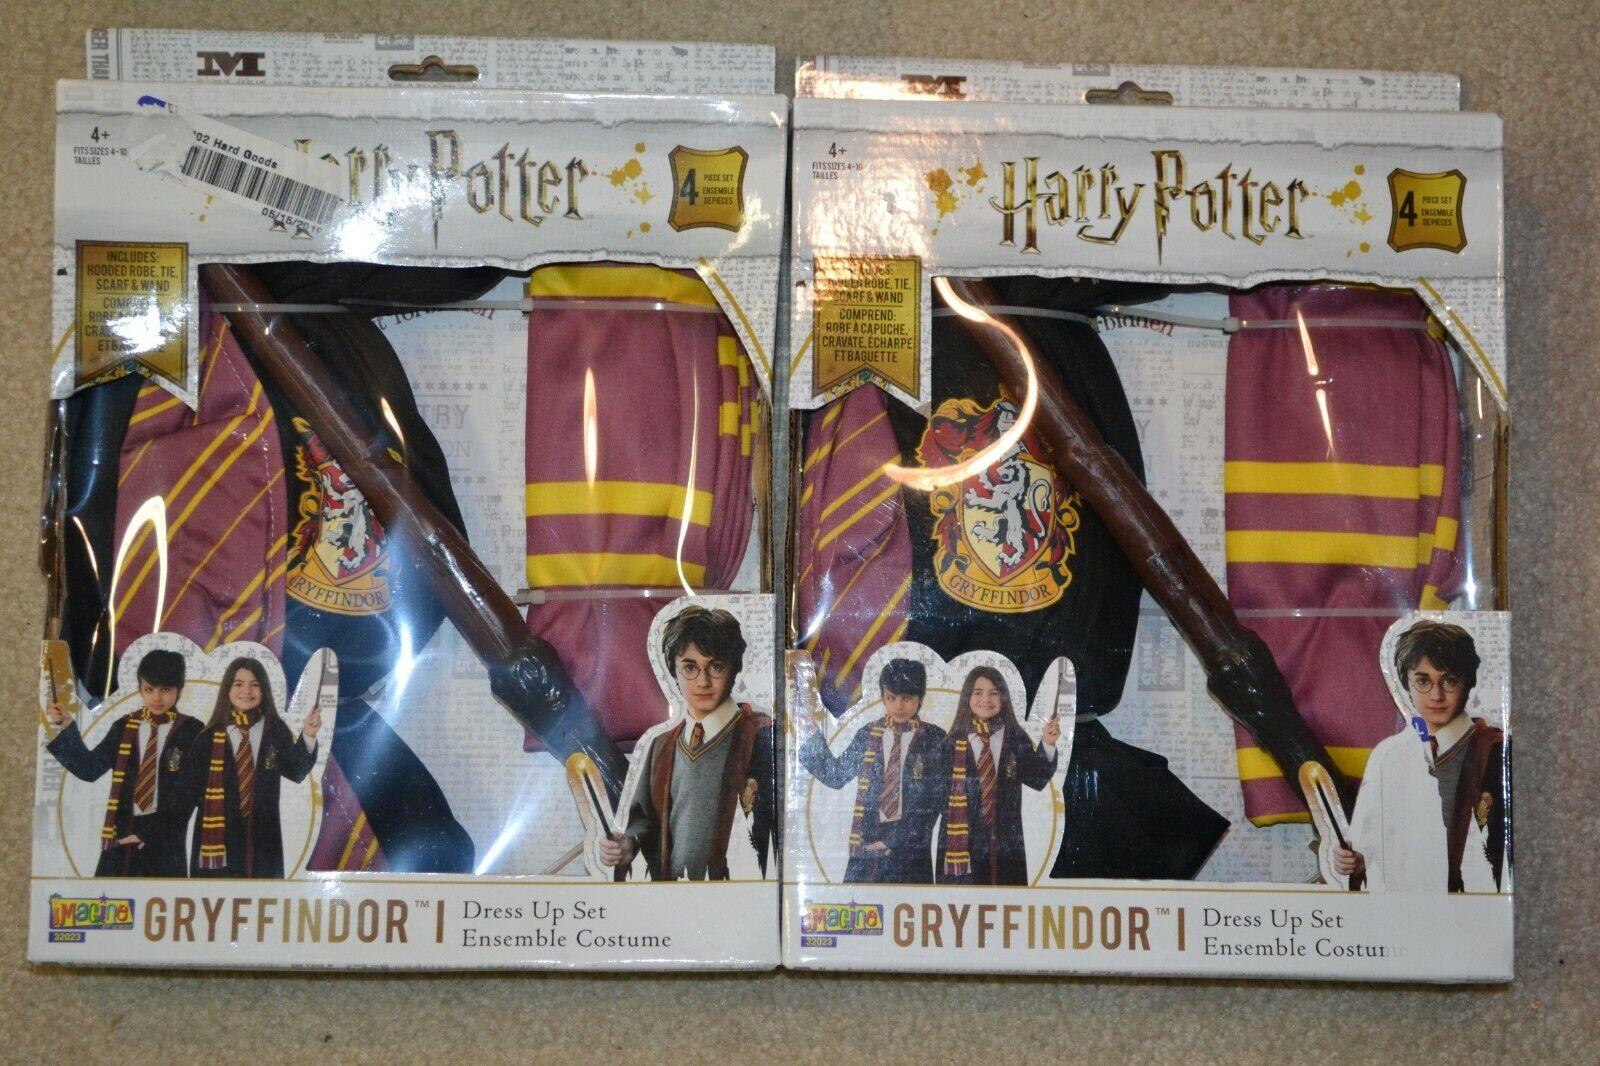 2) Harry Potter Gryffindor 5 juegos de ropa para la nueva era 4 SZ 4 - 10